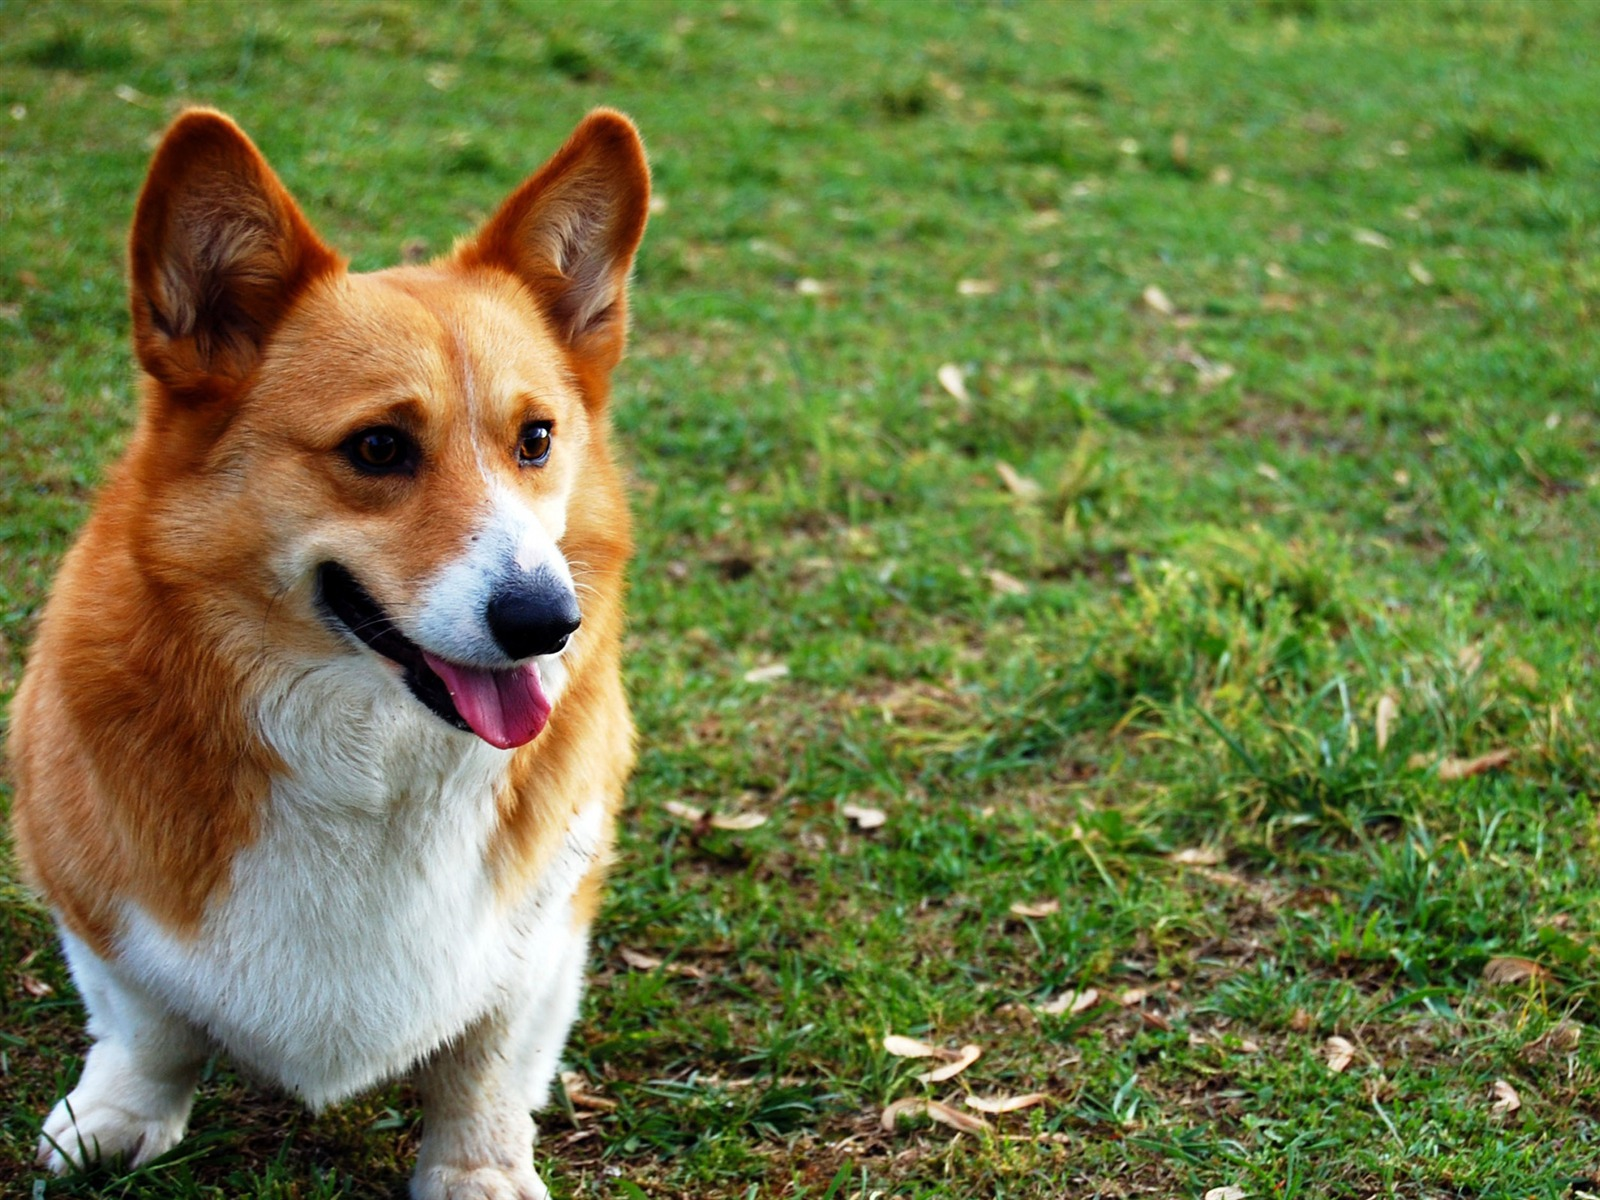 ウェルシュ コーギー犬の草 写真のhdの壁紙プレビュー 10wallpaper Com